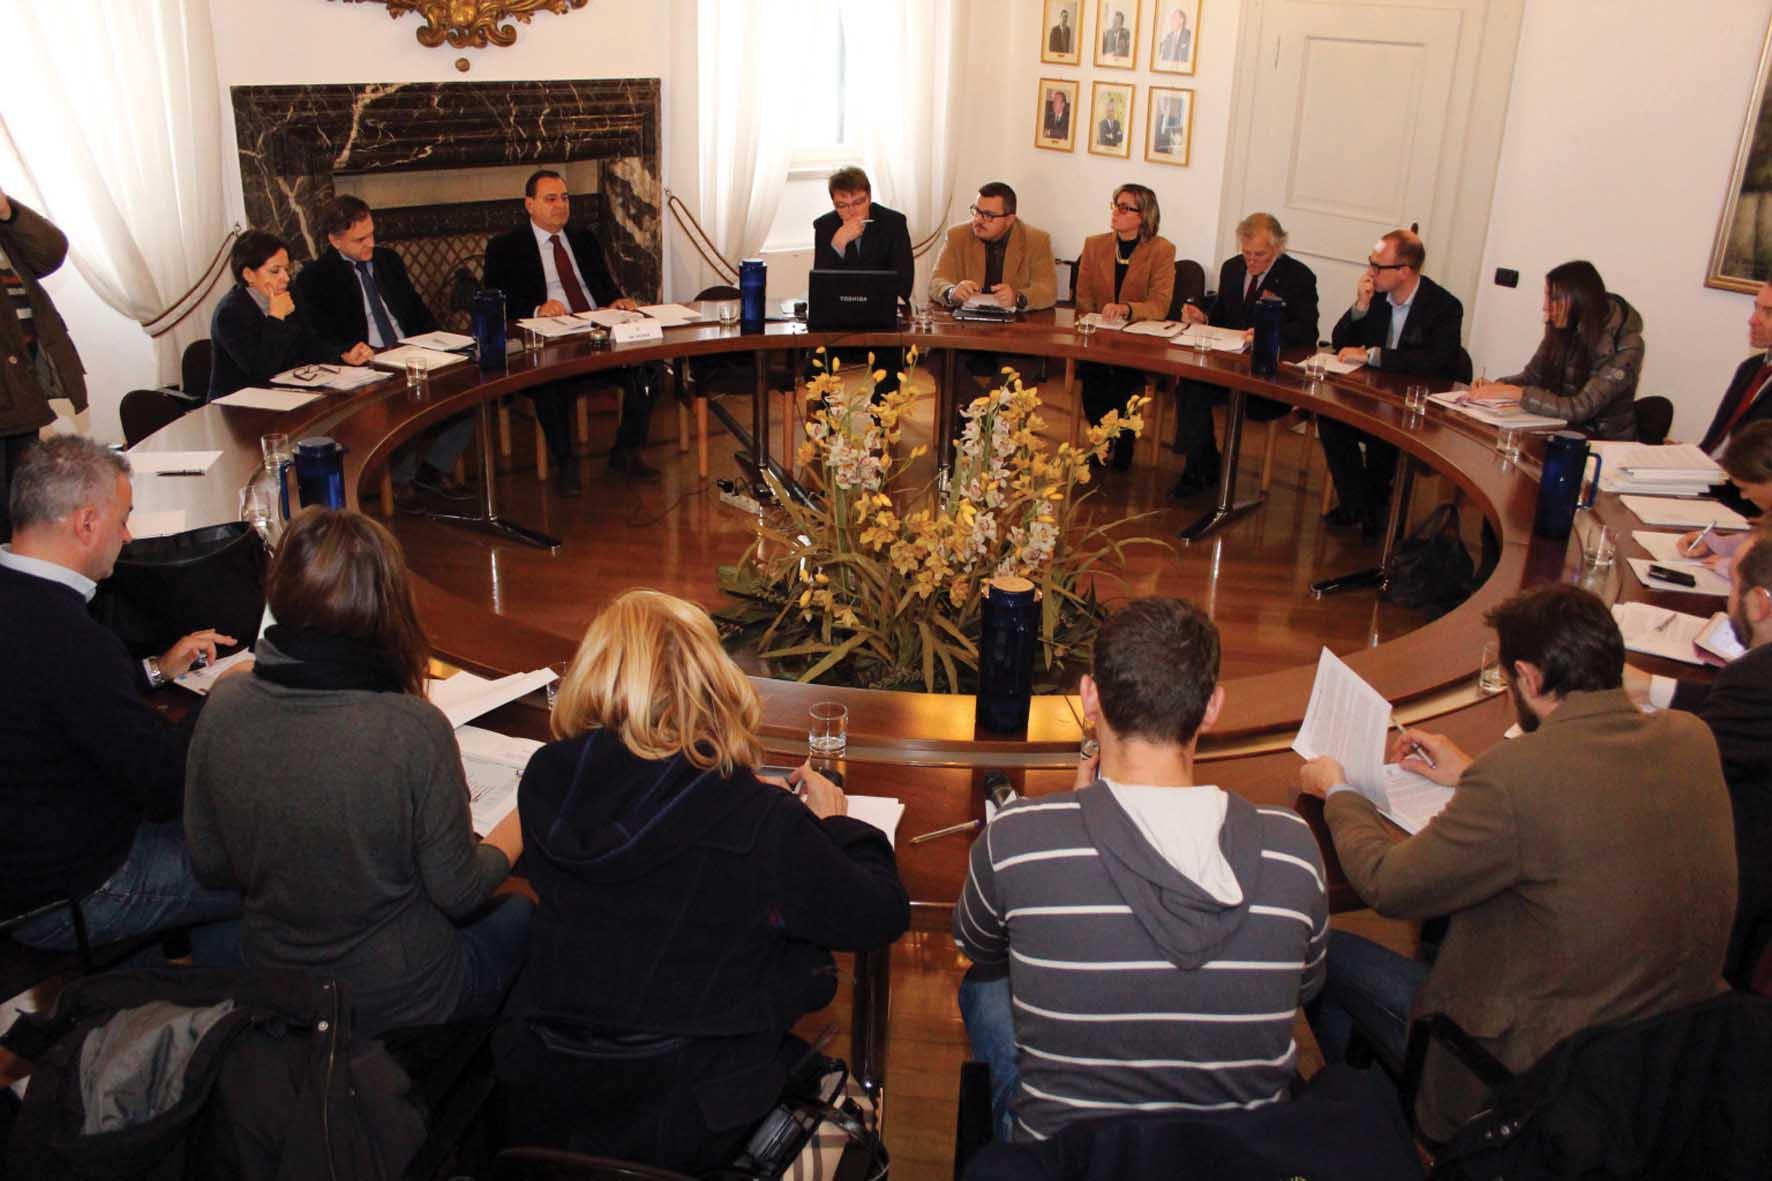 conferenza stampa di Federmeccanica a Udine foto Gasperi 1